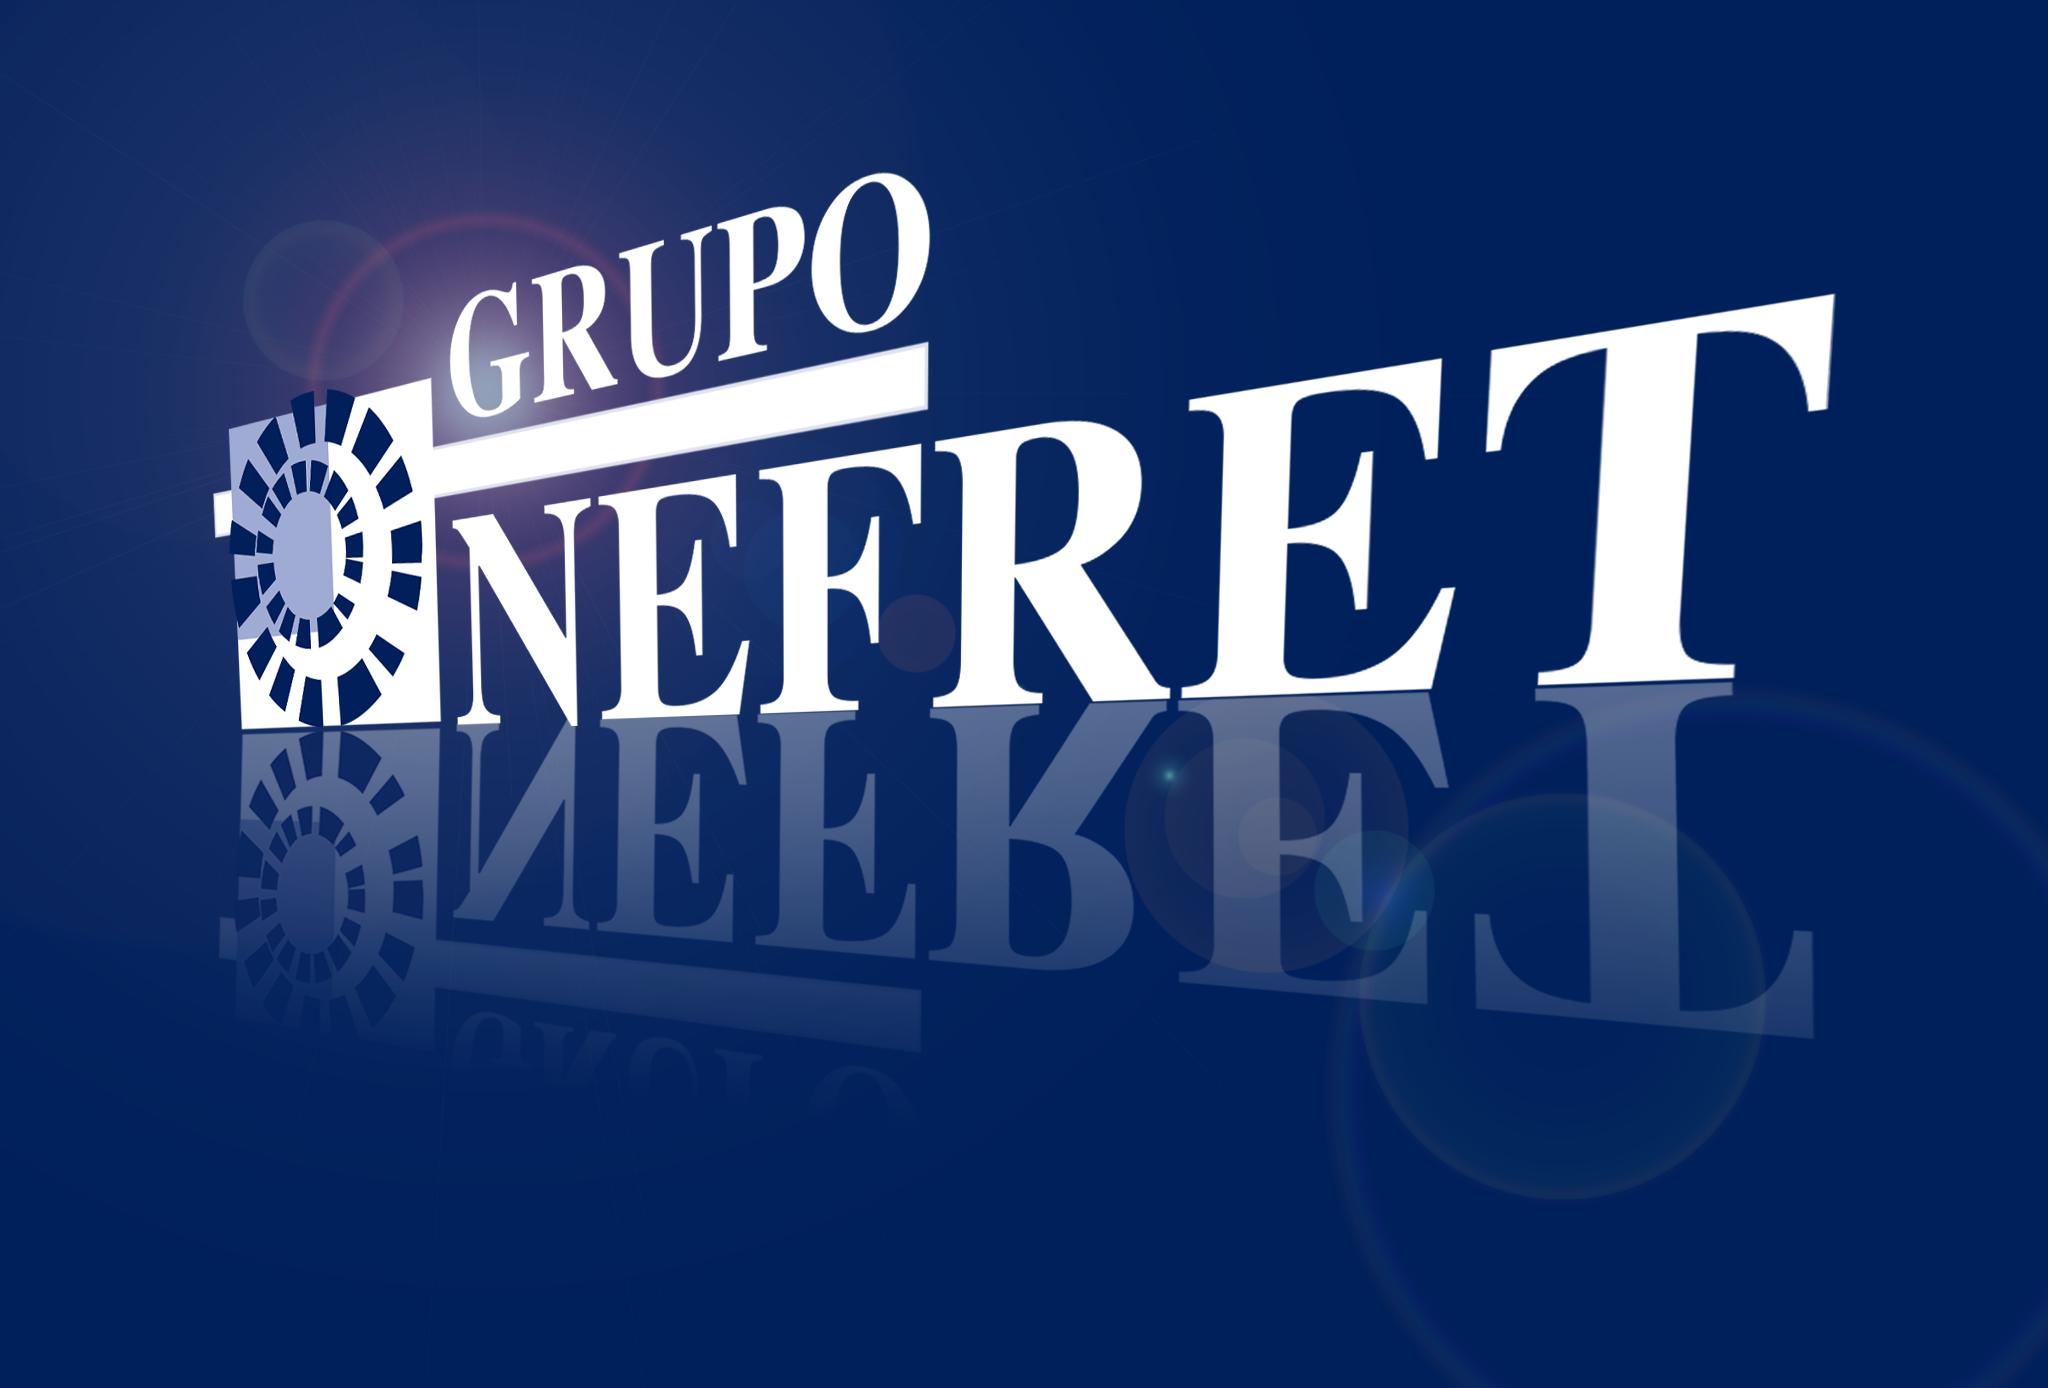 Grupo Nefret, promociones inmobiliarias con garantía de calidad